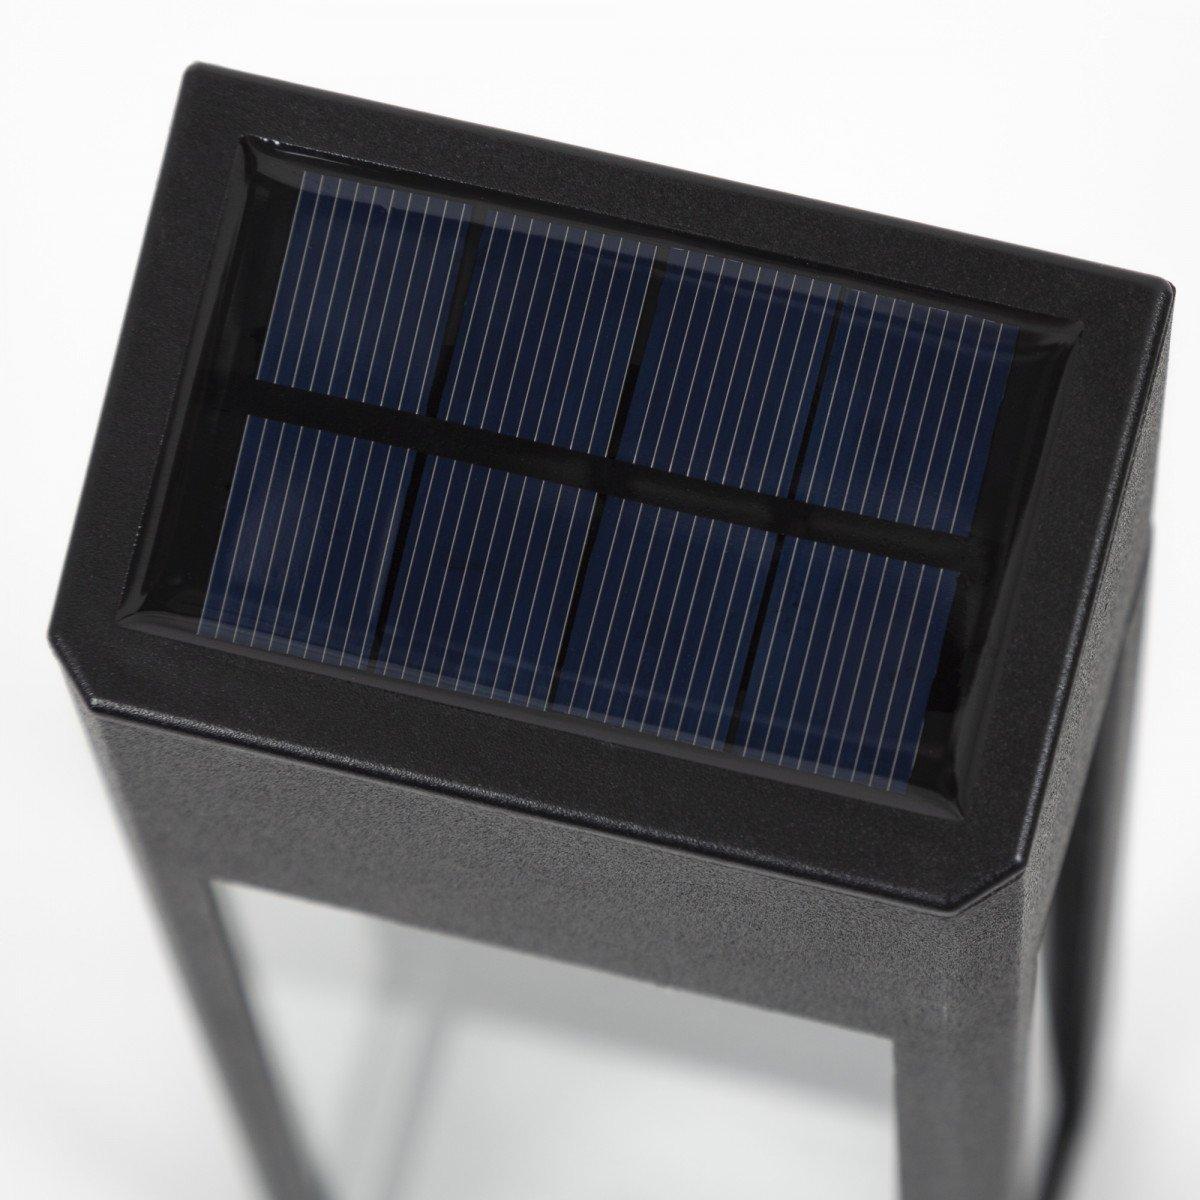 sfeerverlichting buiten - Set LED solar Wandlamp Zwart Solario - Nostalux solar buitenlampen